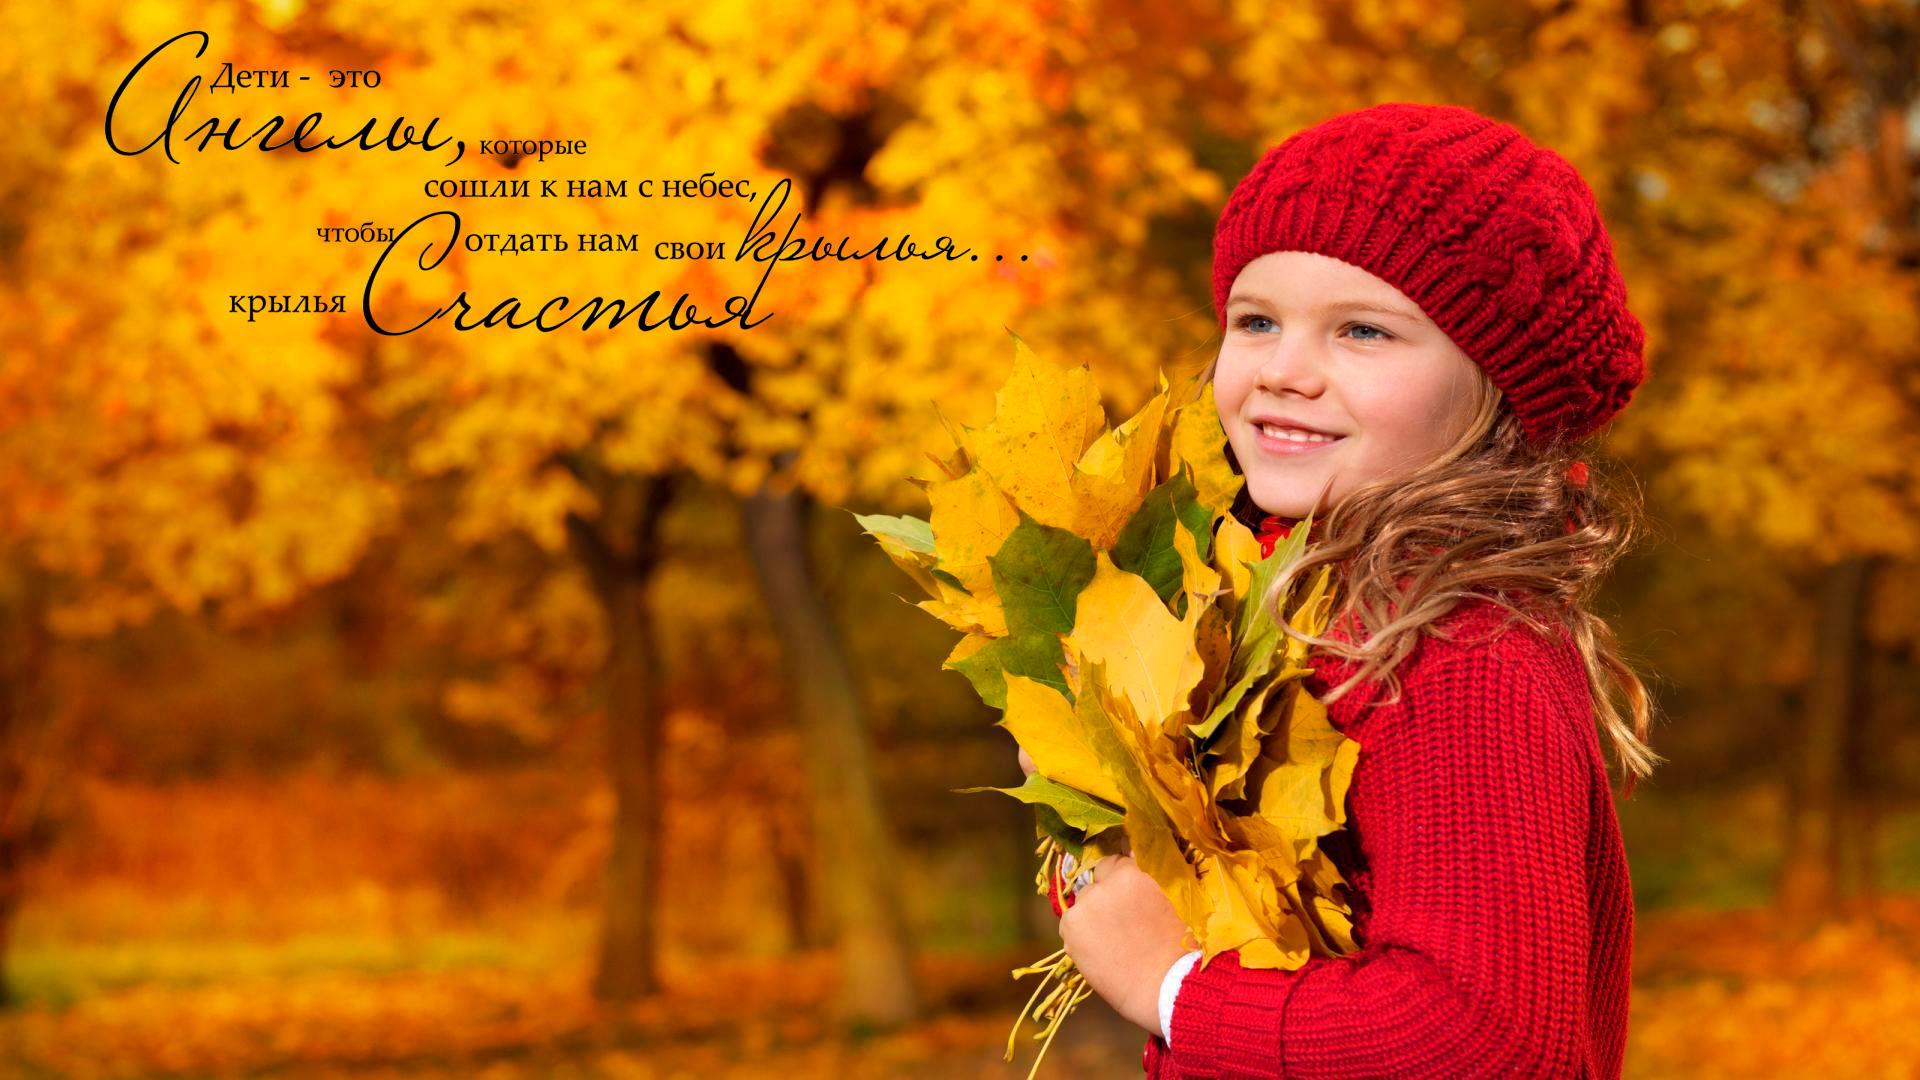 дети - это ангелы, девочка с осенними листьями